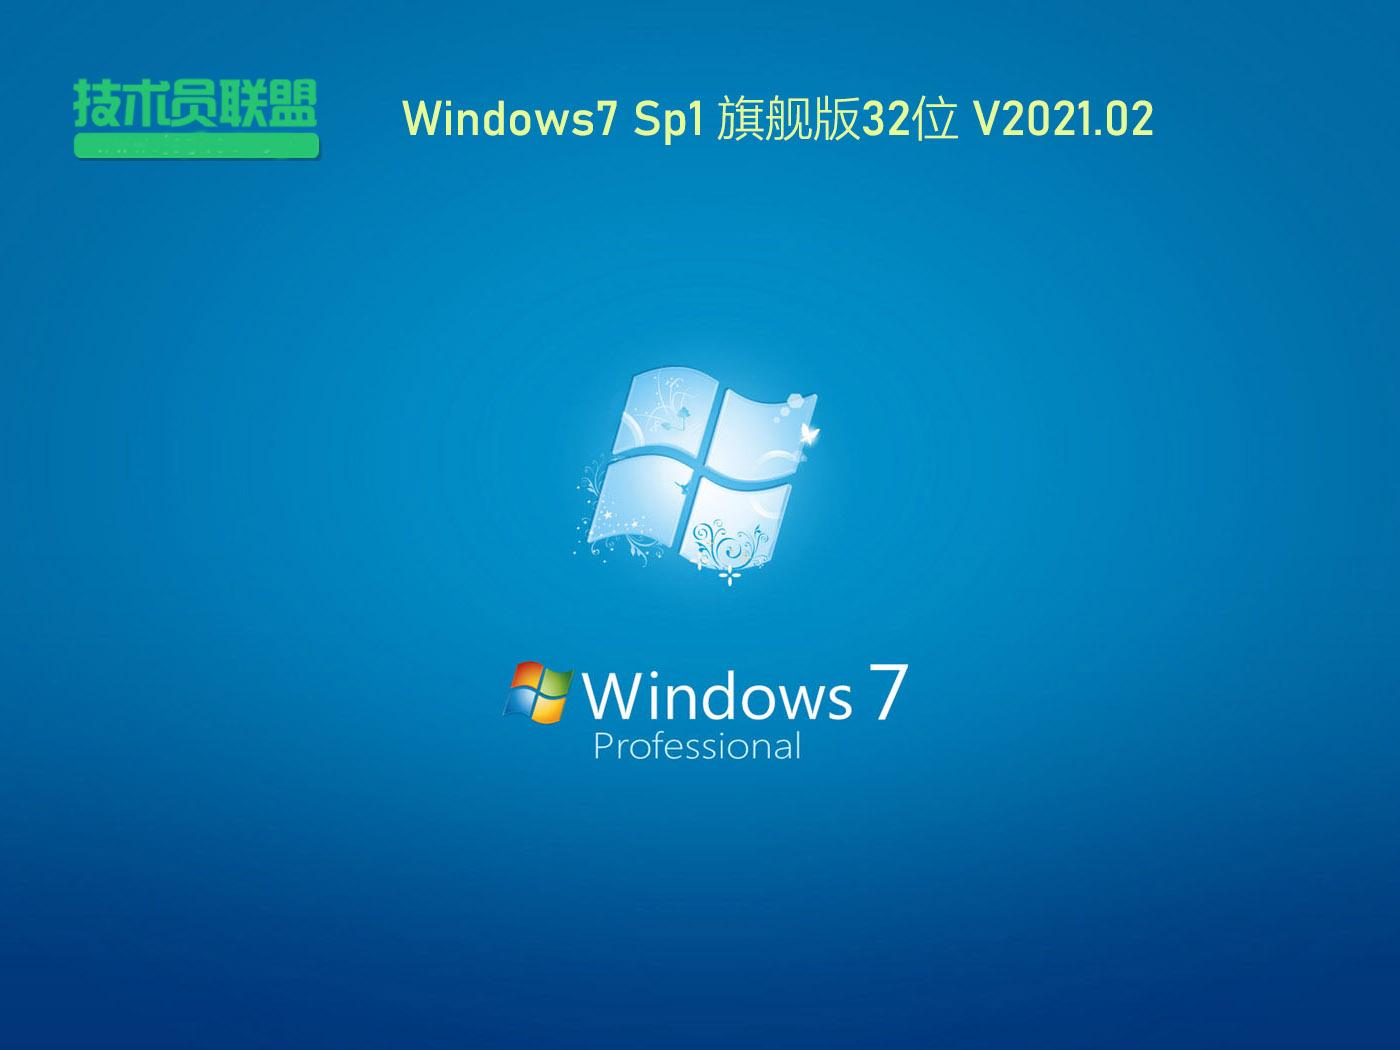 技术员联盟Windows7 Sp1 32位旗舰版 V2021.02